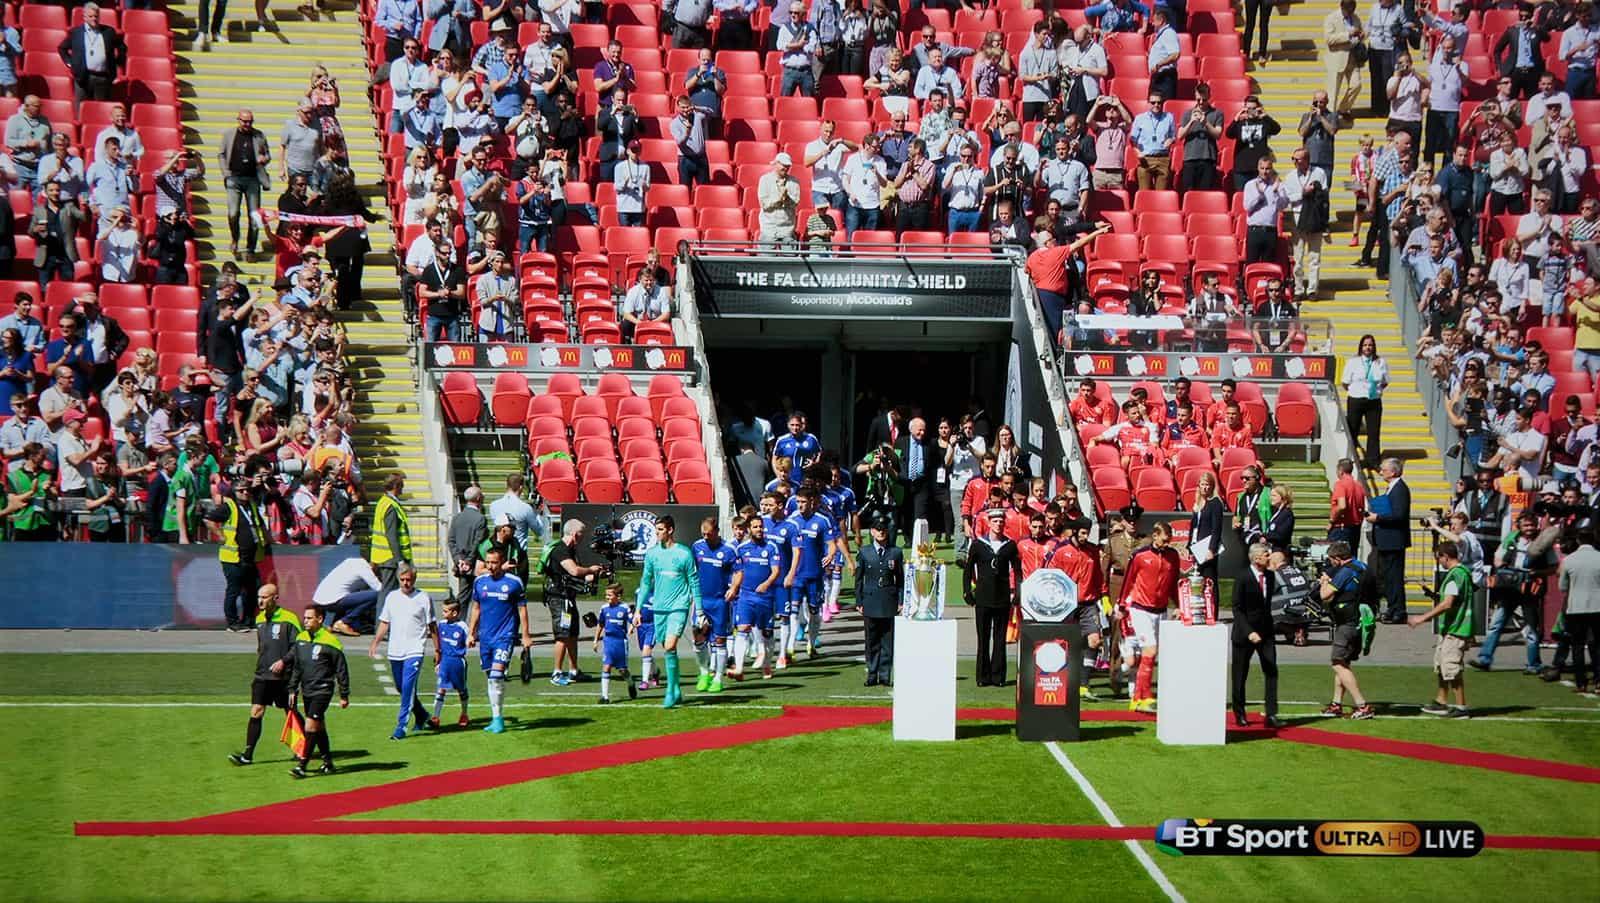 Teams entering Wembley